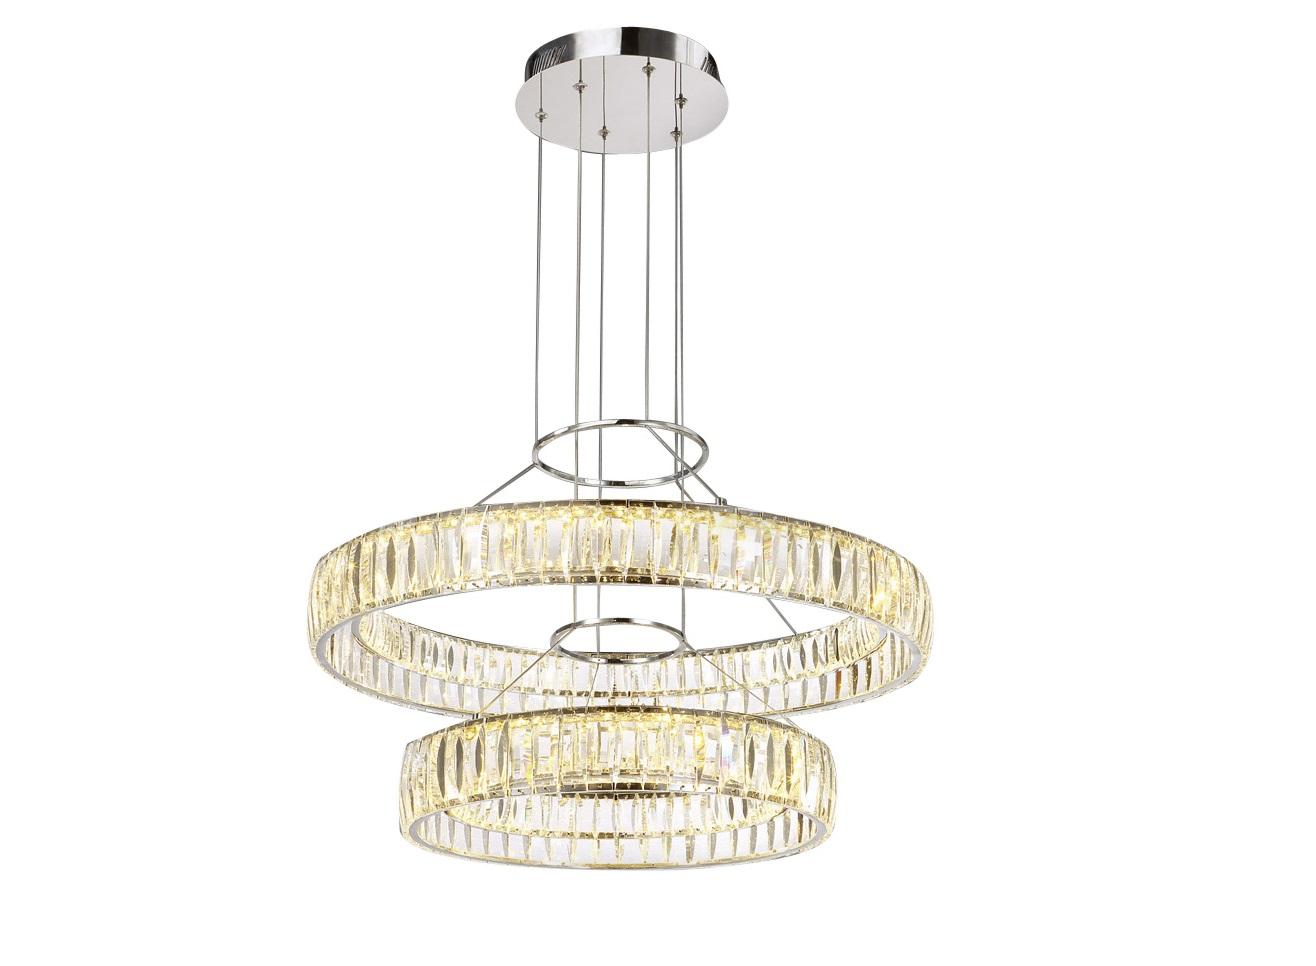 Подвесной светильникПодвесные светильники<br>&amp;lt;div&amp;gt;Вид цоколя: LED&amp;lt;/div&amp;gt;&amp;lt;div&amp;gt;Мощность: 75W&amp;lt;/div&amp;gt;&amp;lt;div&amp;gt;Количество ламп: 1&amp;lt;/div&amp;gt;&amp;lt;div&amp;gt;&amp;lt;br&amp;gt;&amp;lt;/div&amp;gt;&amp;lt;div&amp;gt;Высота светильника регулируется.&amp;lt;br&amp;gt;&amp;lt;/div&amp;gt;<br><br>Material: Хрусталь<br>Высота см: 65